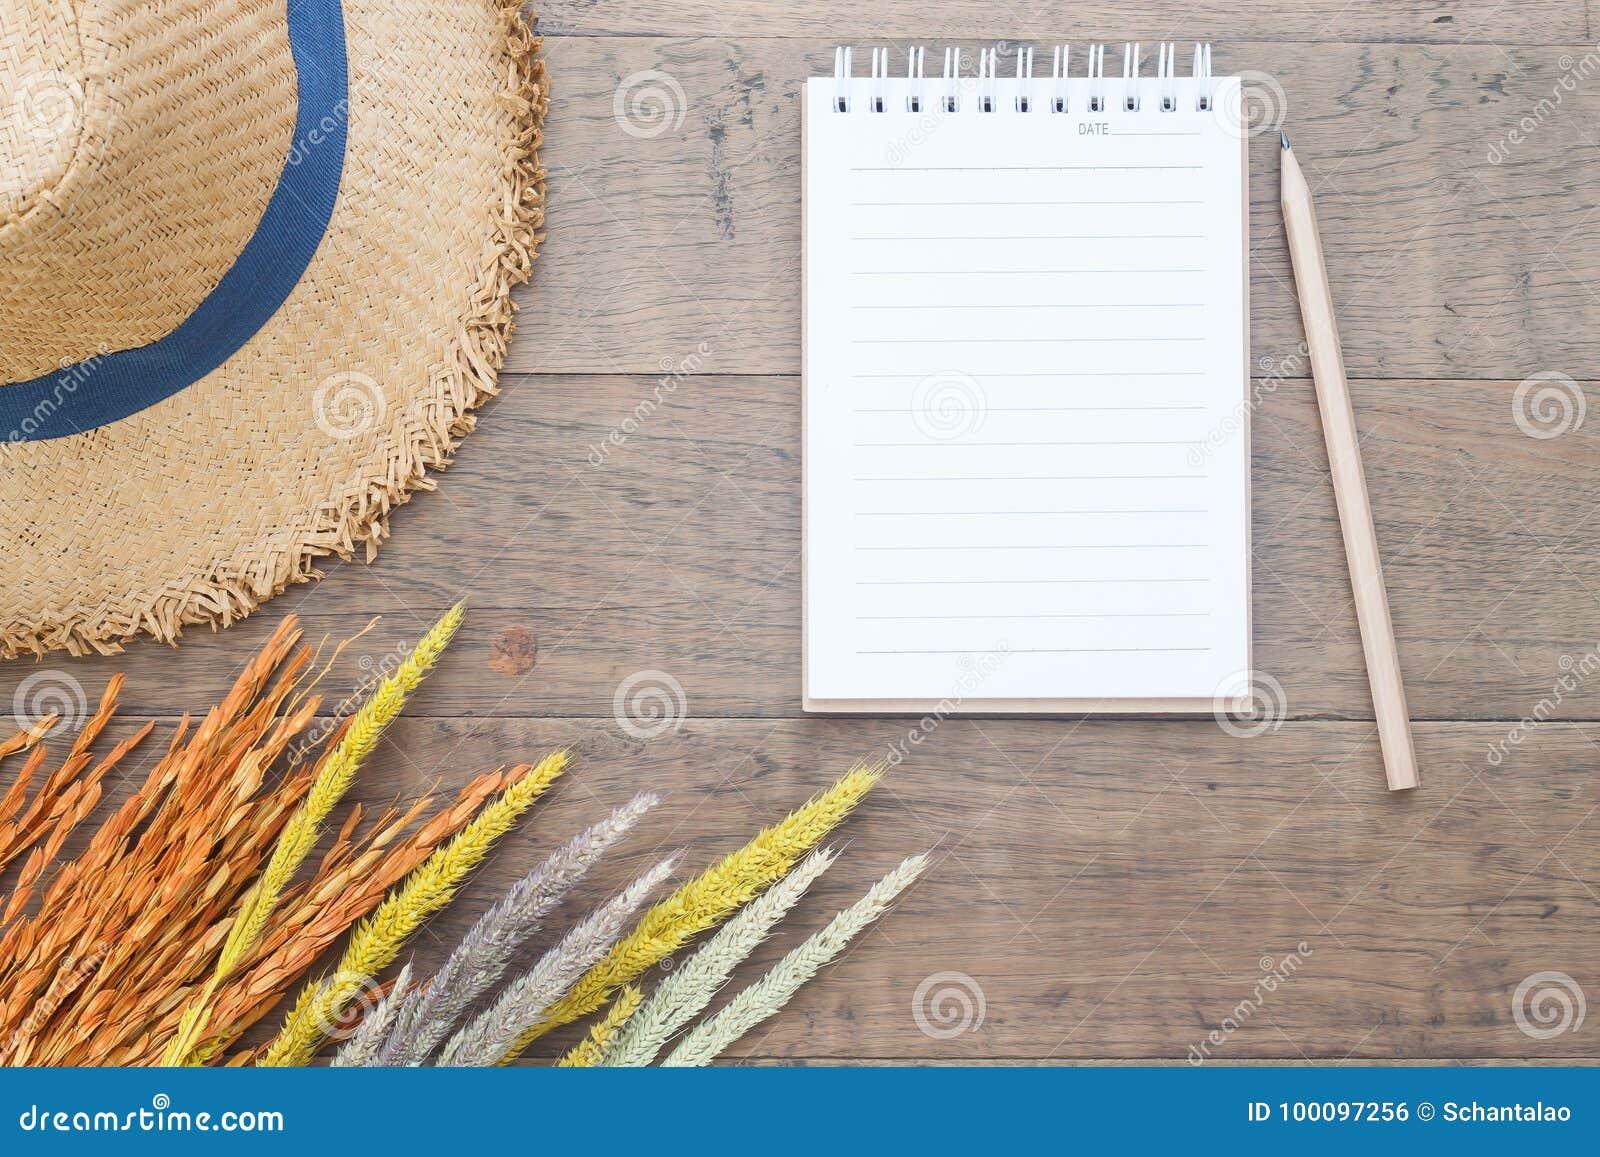 Kreative Ebenenlage des Herbst- und Fallkonzeptes, der Trockenblumen, des Strohhutes und des leeren Notizbuches mit Bleistift auf